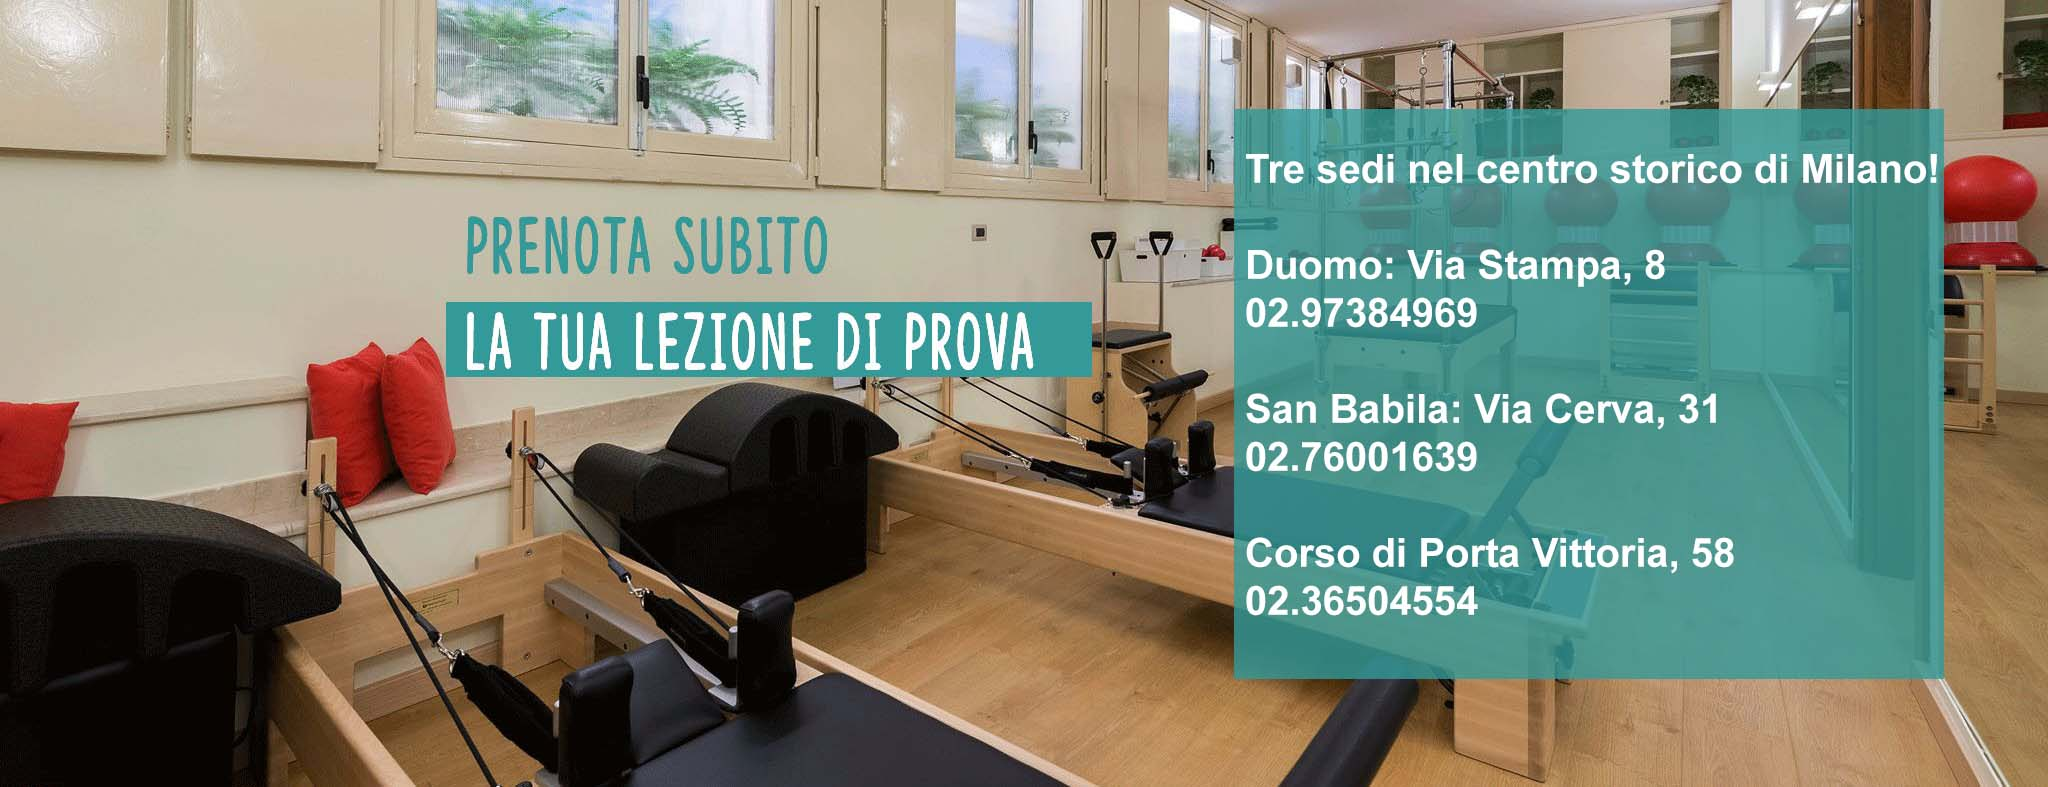 Pilates Pre Parto Creta Milano - Prenota subito la tua lezione di prova